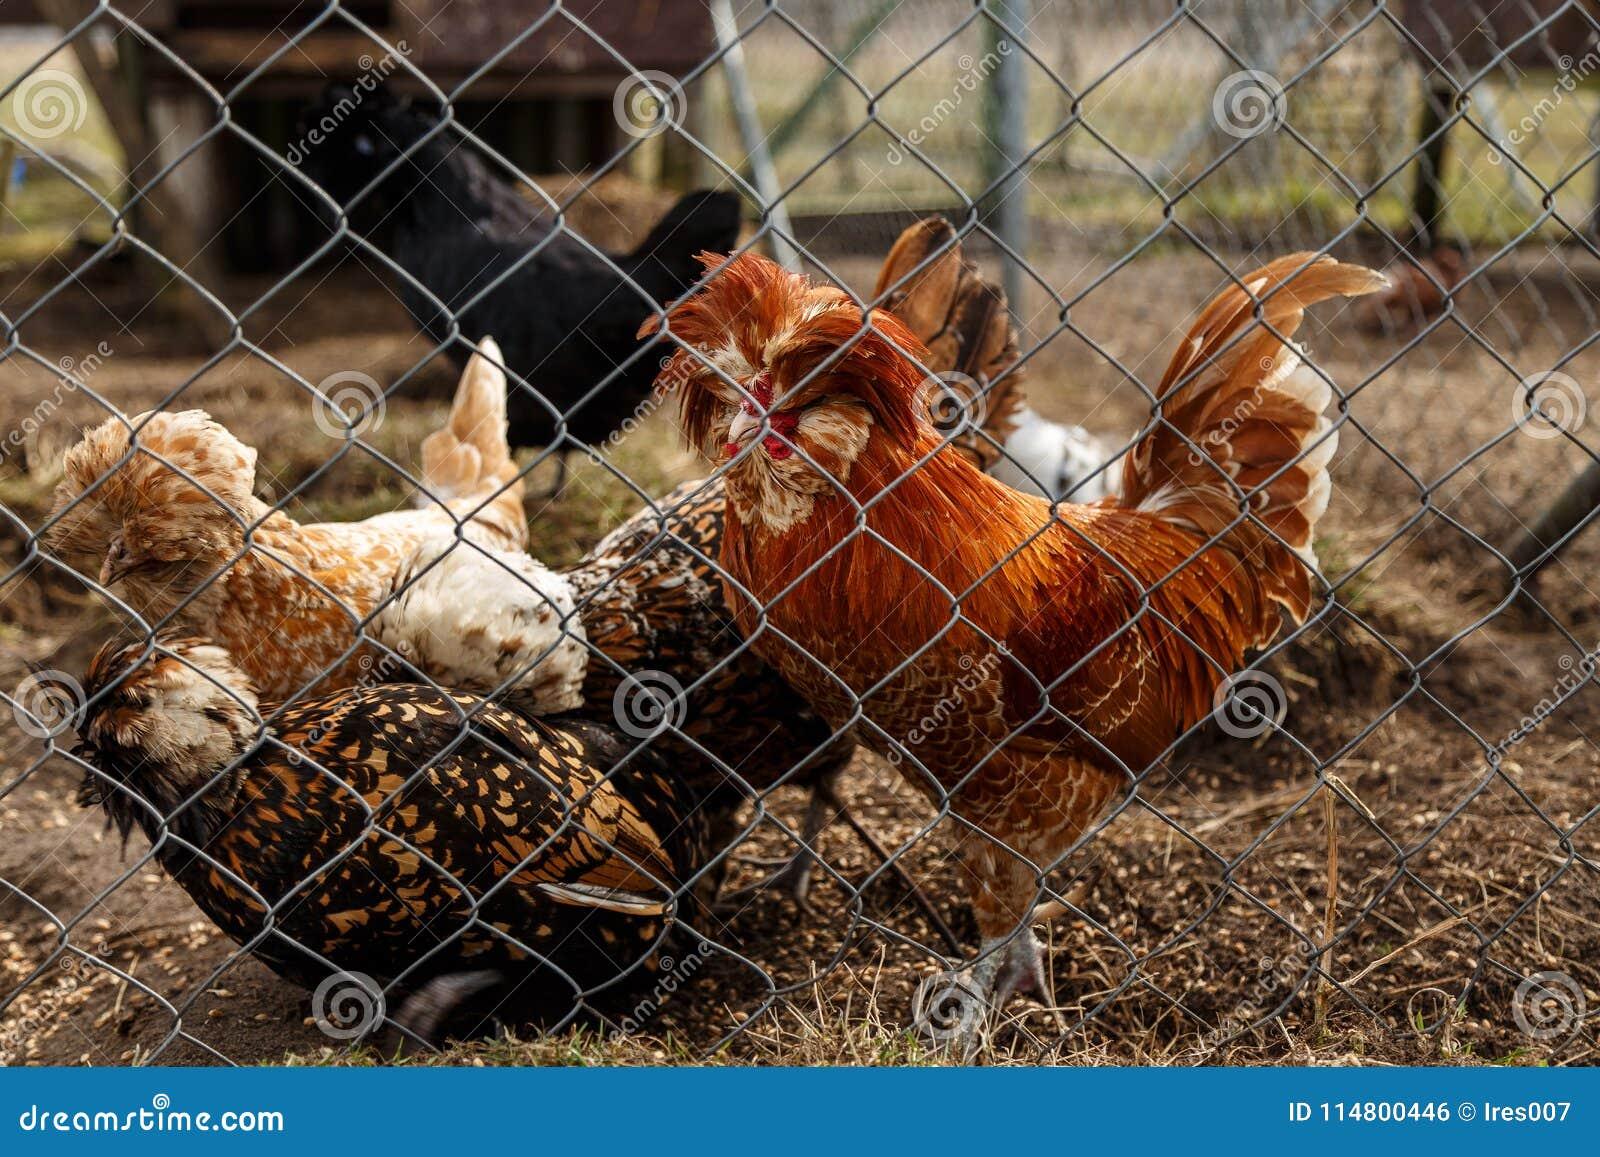 Петушок с курицами в клетке